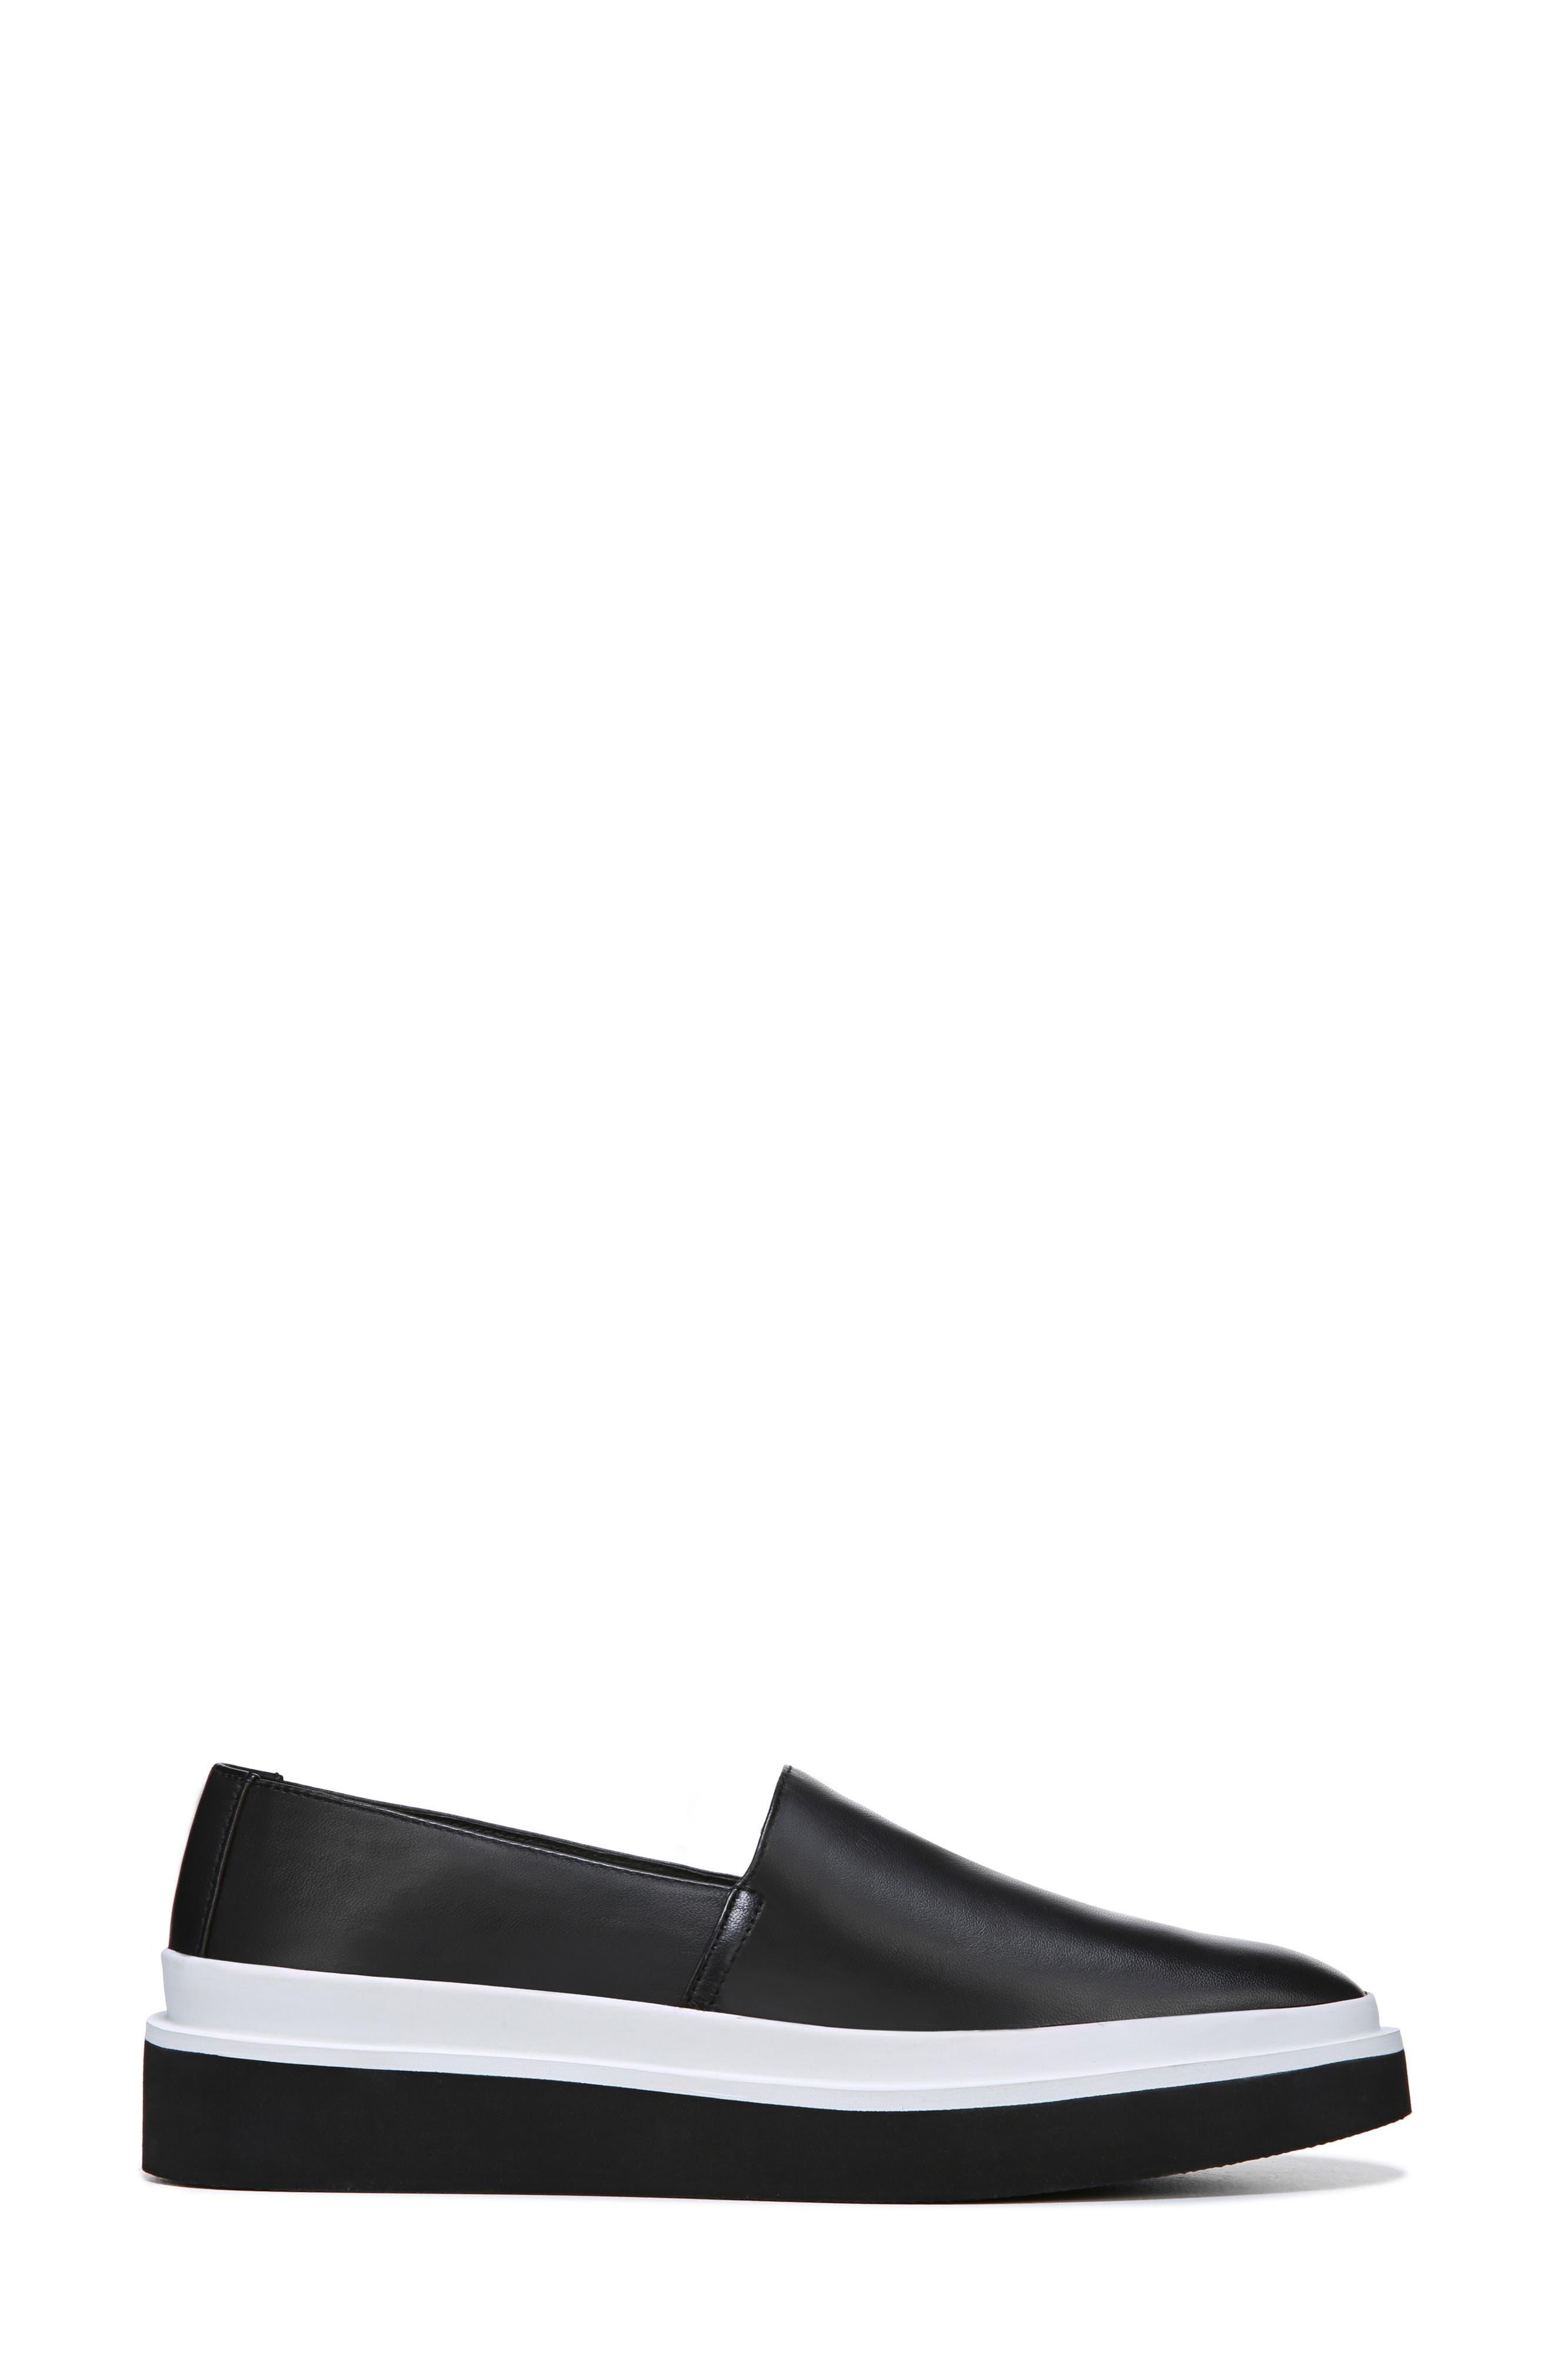 Travis Slip-on Sneaker,                             Alternate thumbnail 3, color,                             BLACK